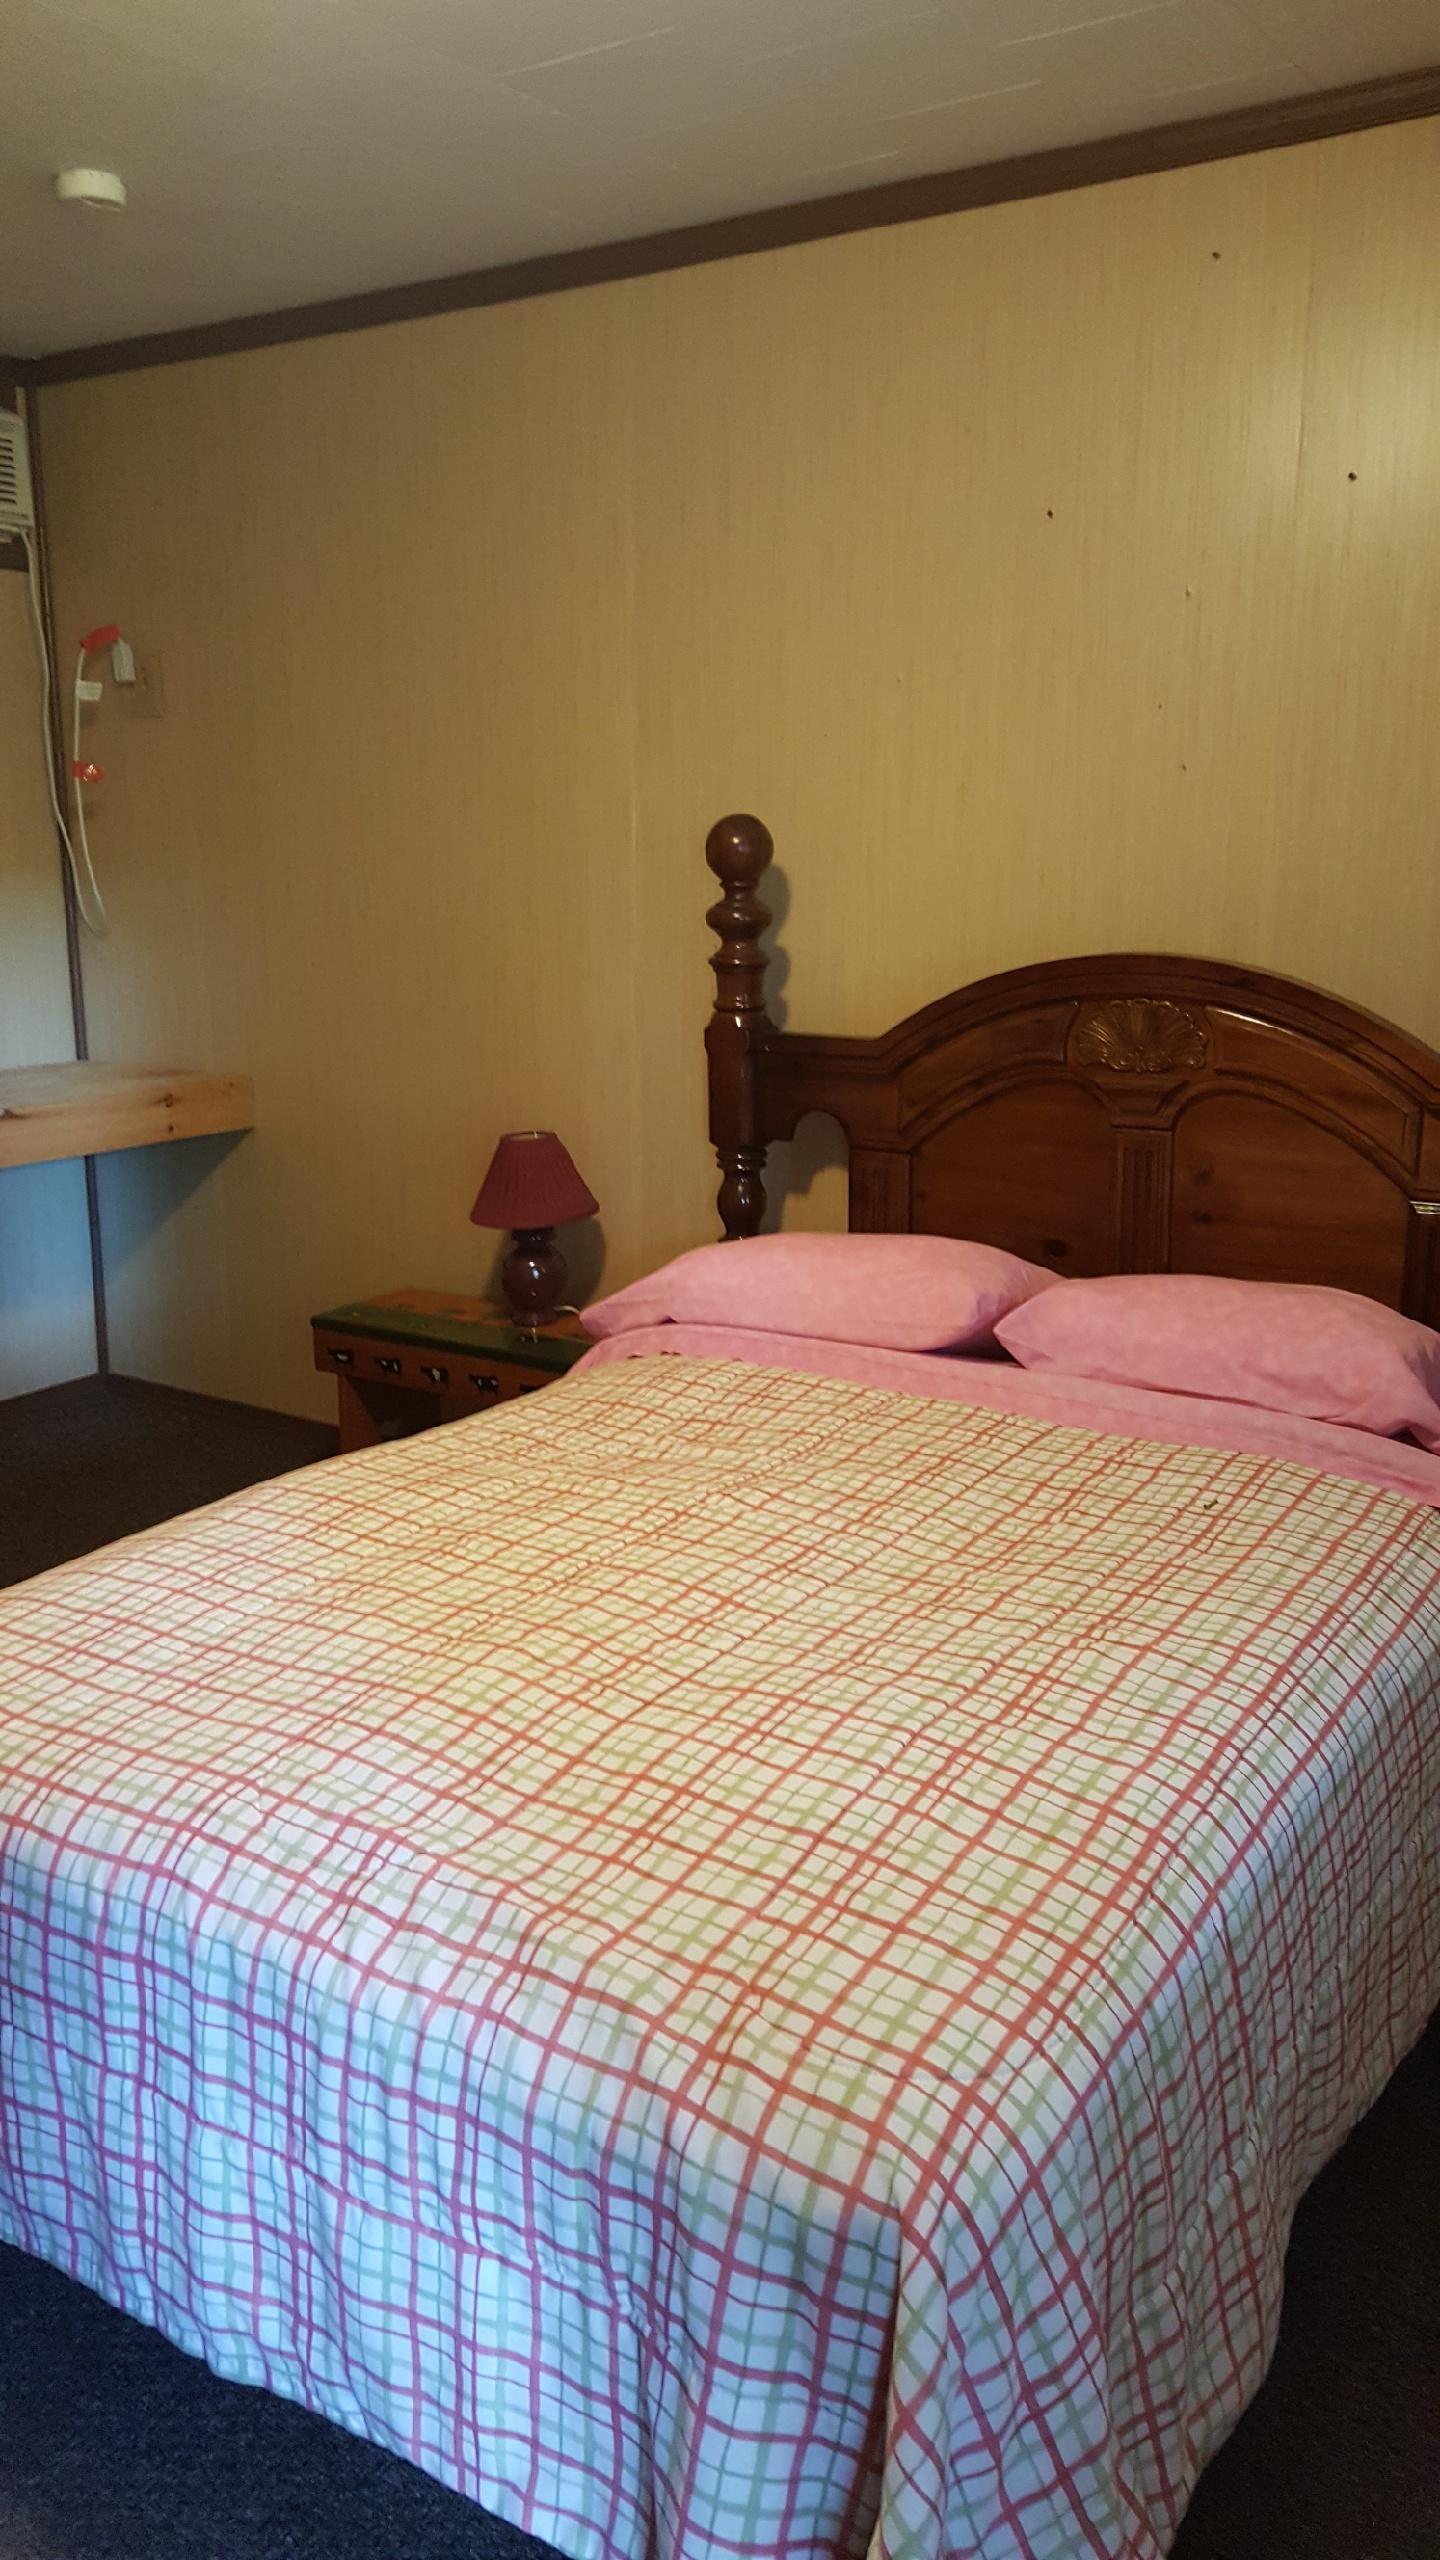 Motel room 2